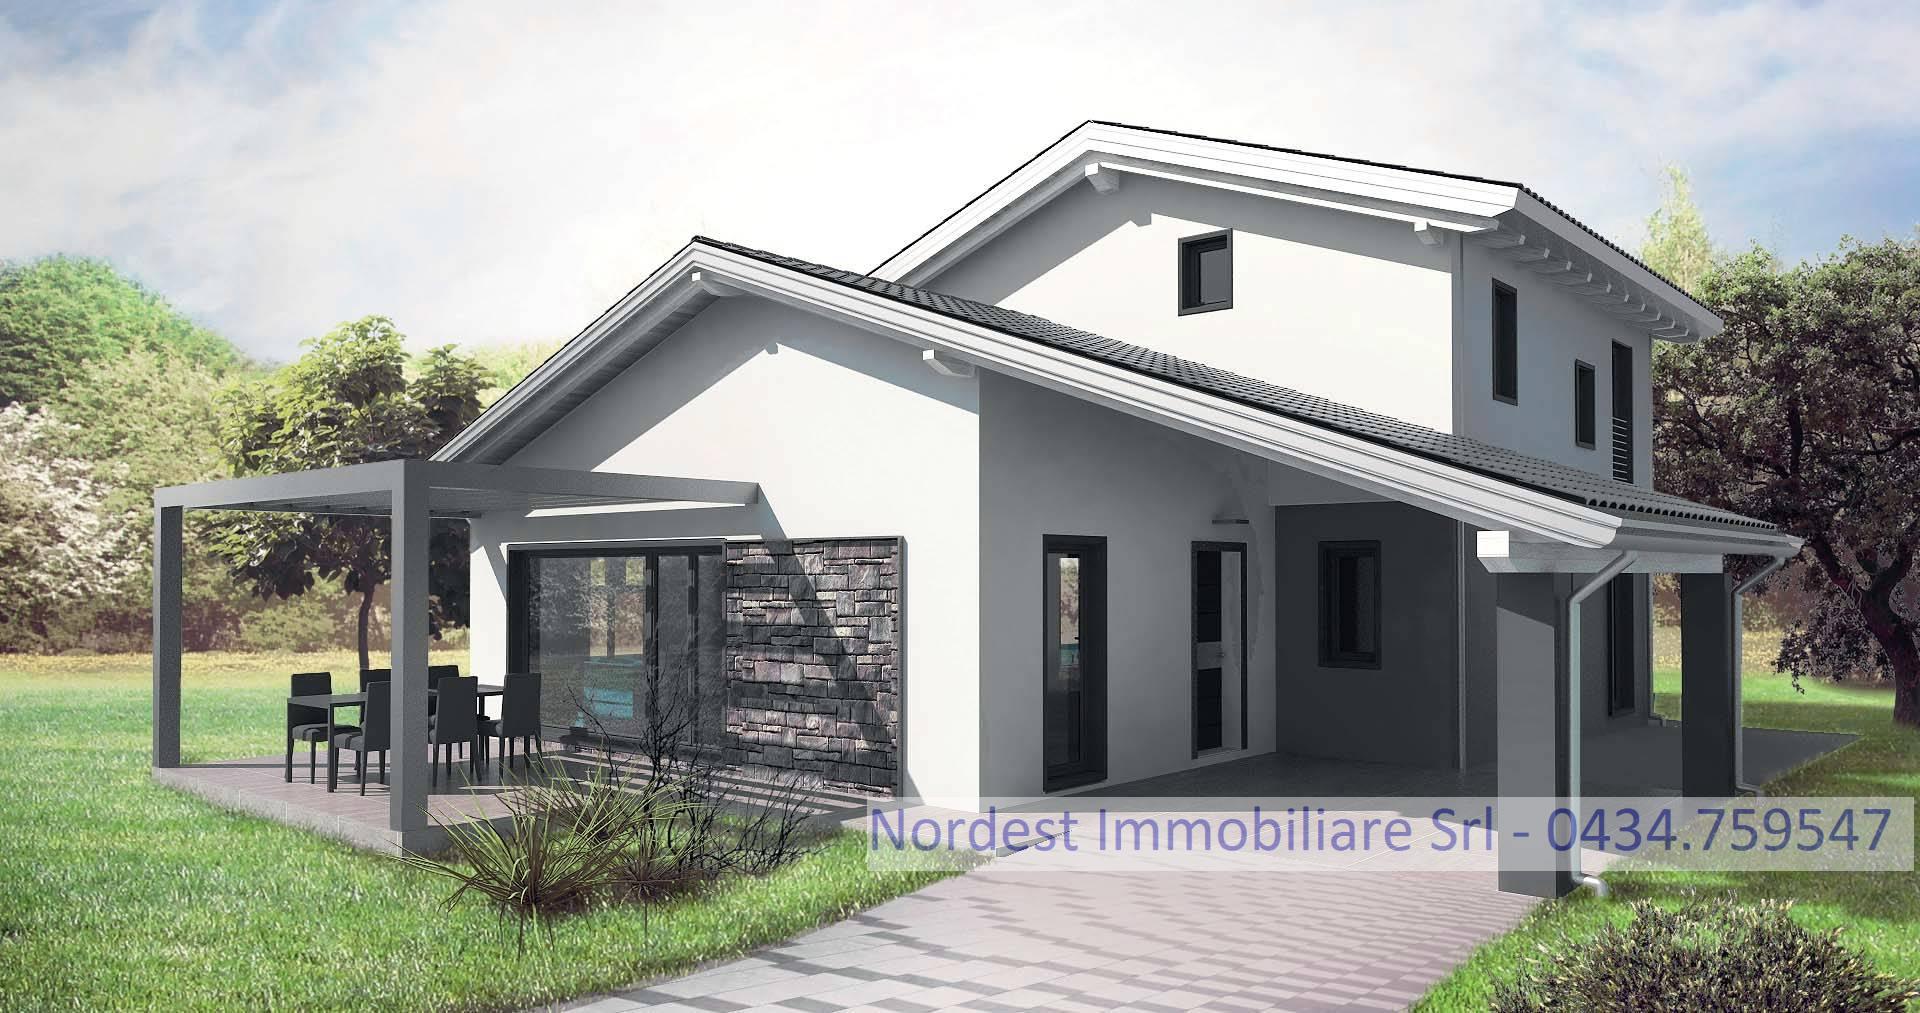 Soluzione Indipendente in vendita a Falcade, 6 locali, prezzo € 160.000 | CambioCasa.it